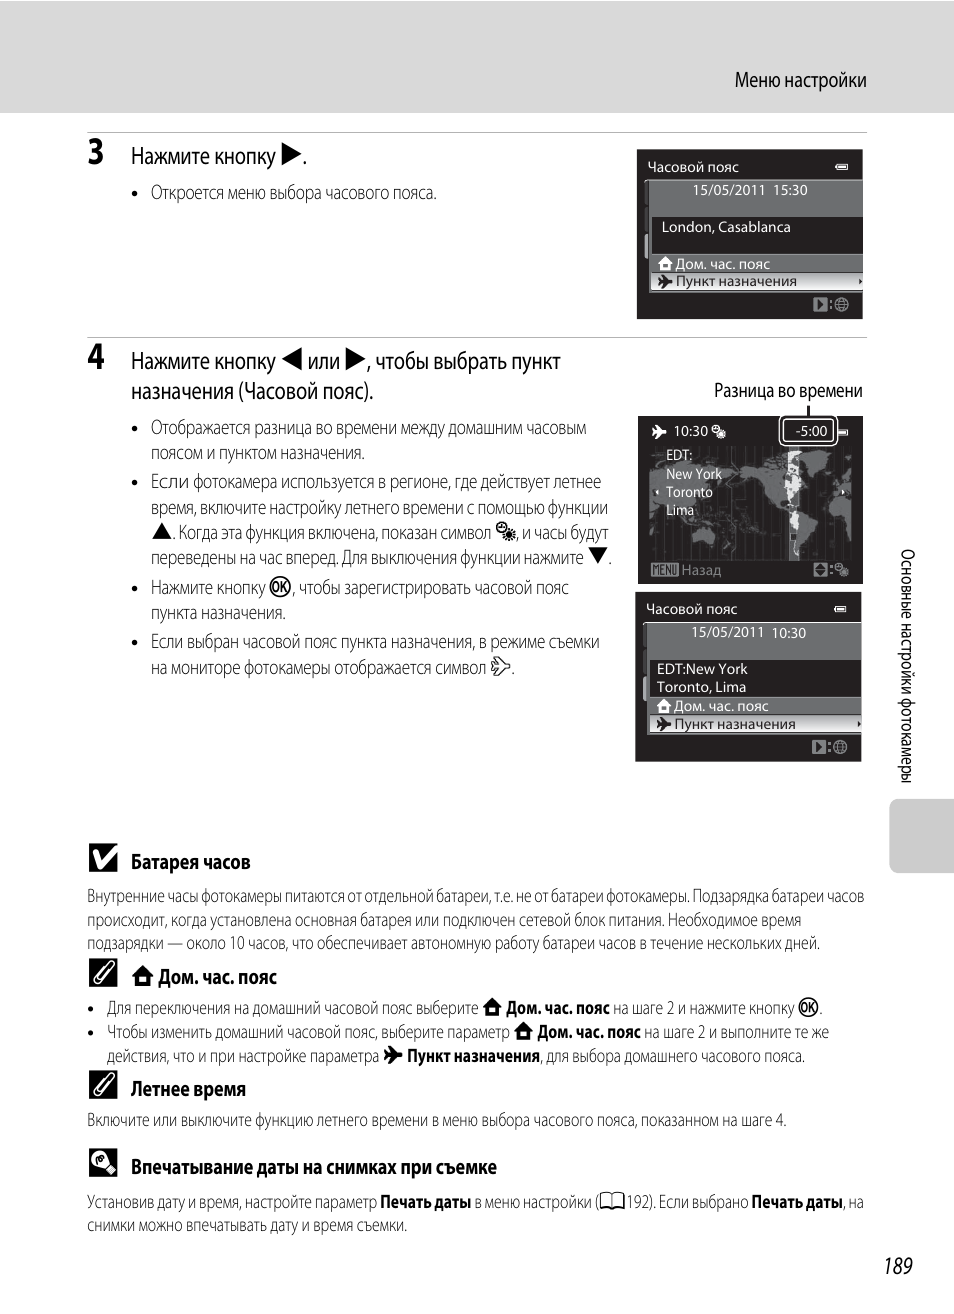 Инструкция к Nikon Coolpix P500